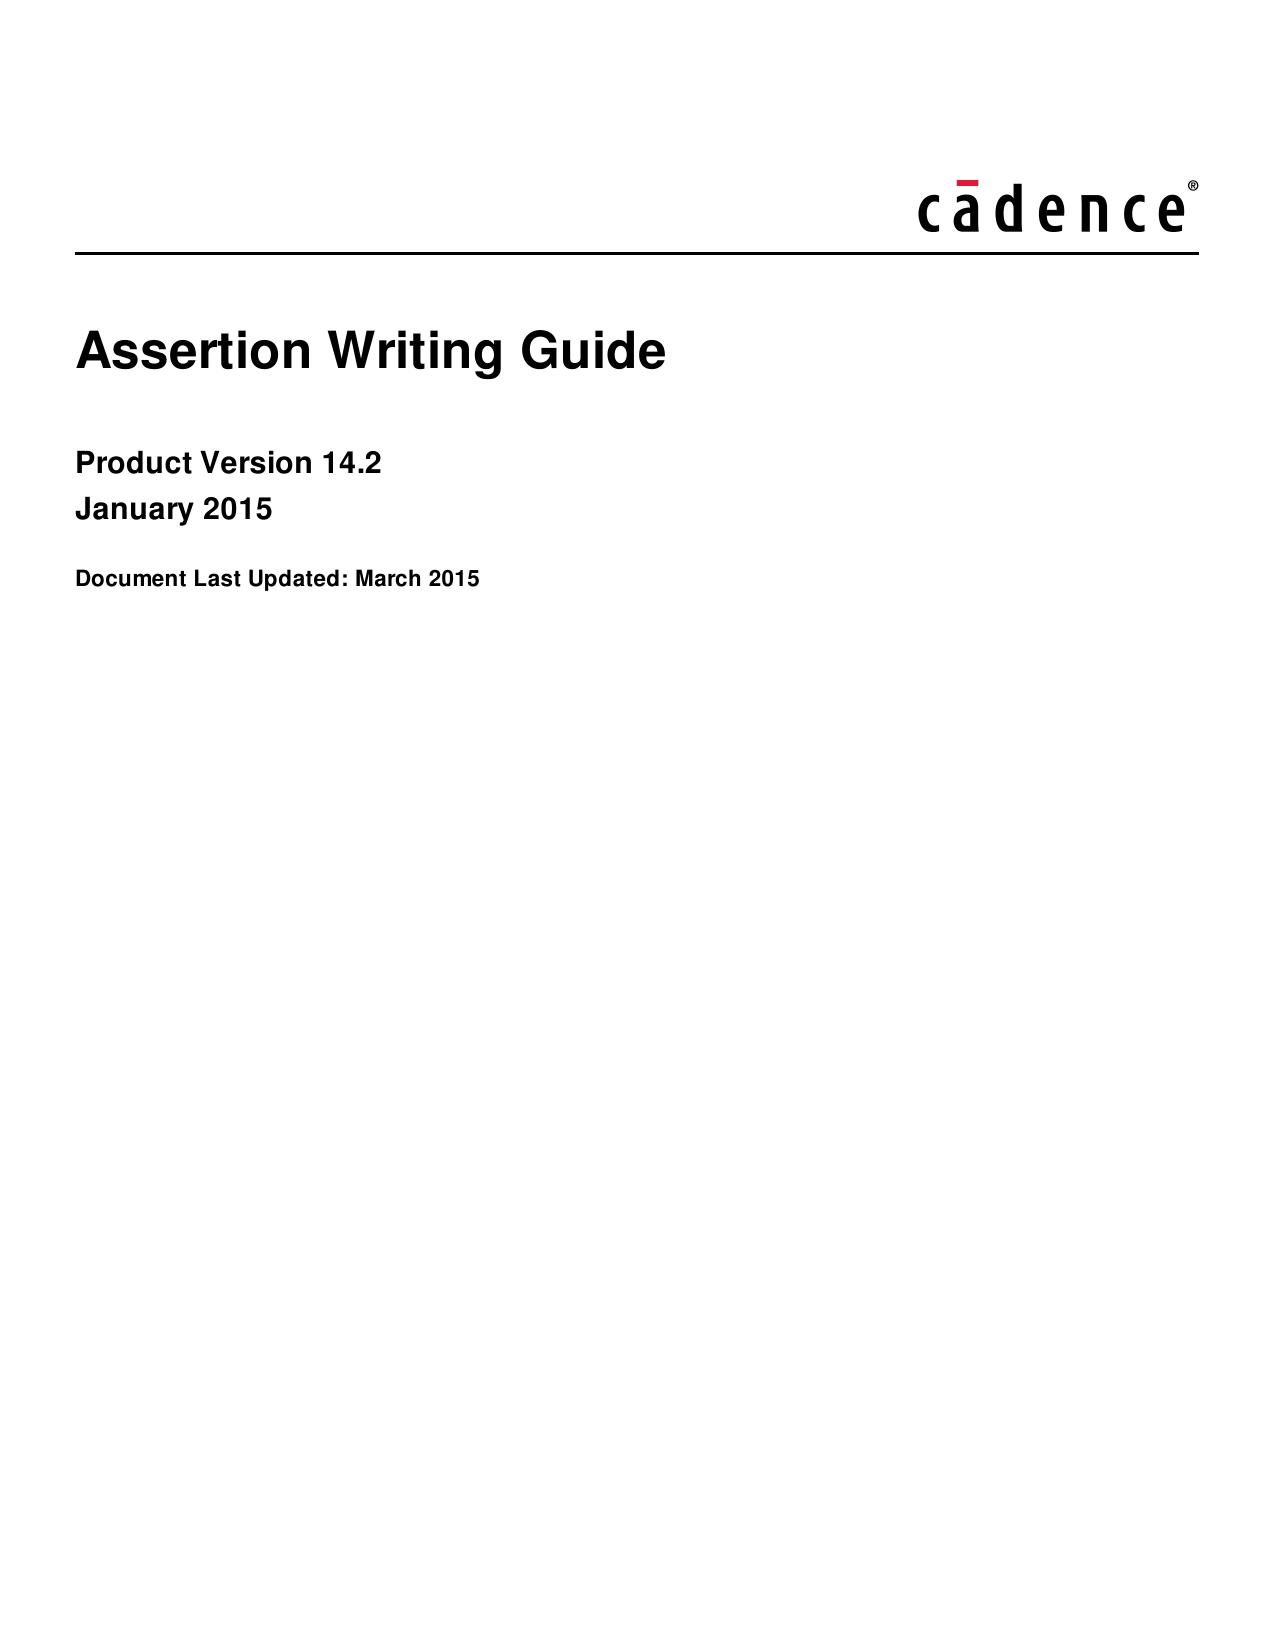 Assertion Writing Guide | manualzz com